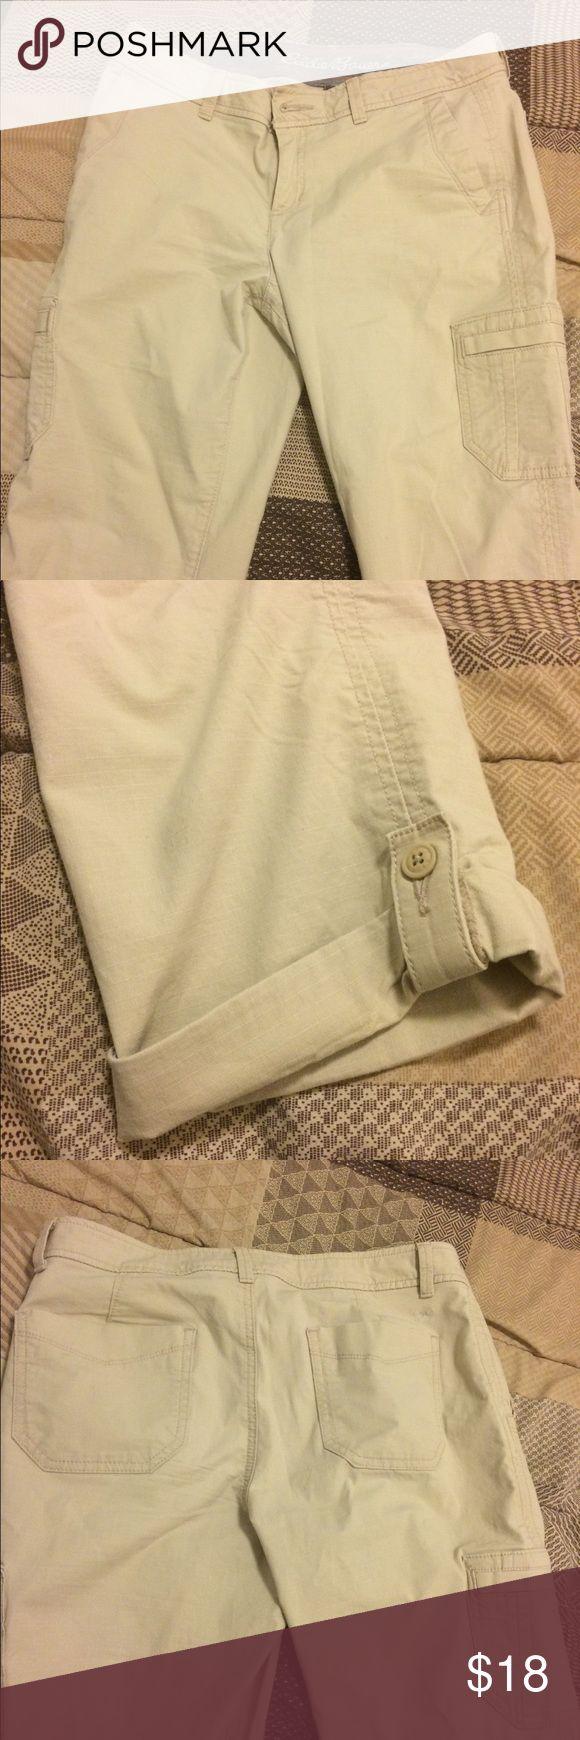 Eddie Bauer Khaki Capris Like New Eddie Bauer Khaki capris. Size 6. Flattering shape, great pockets. Eddie Bauer Pants Capris